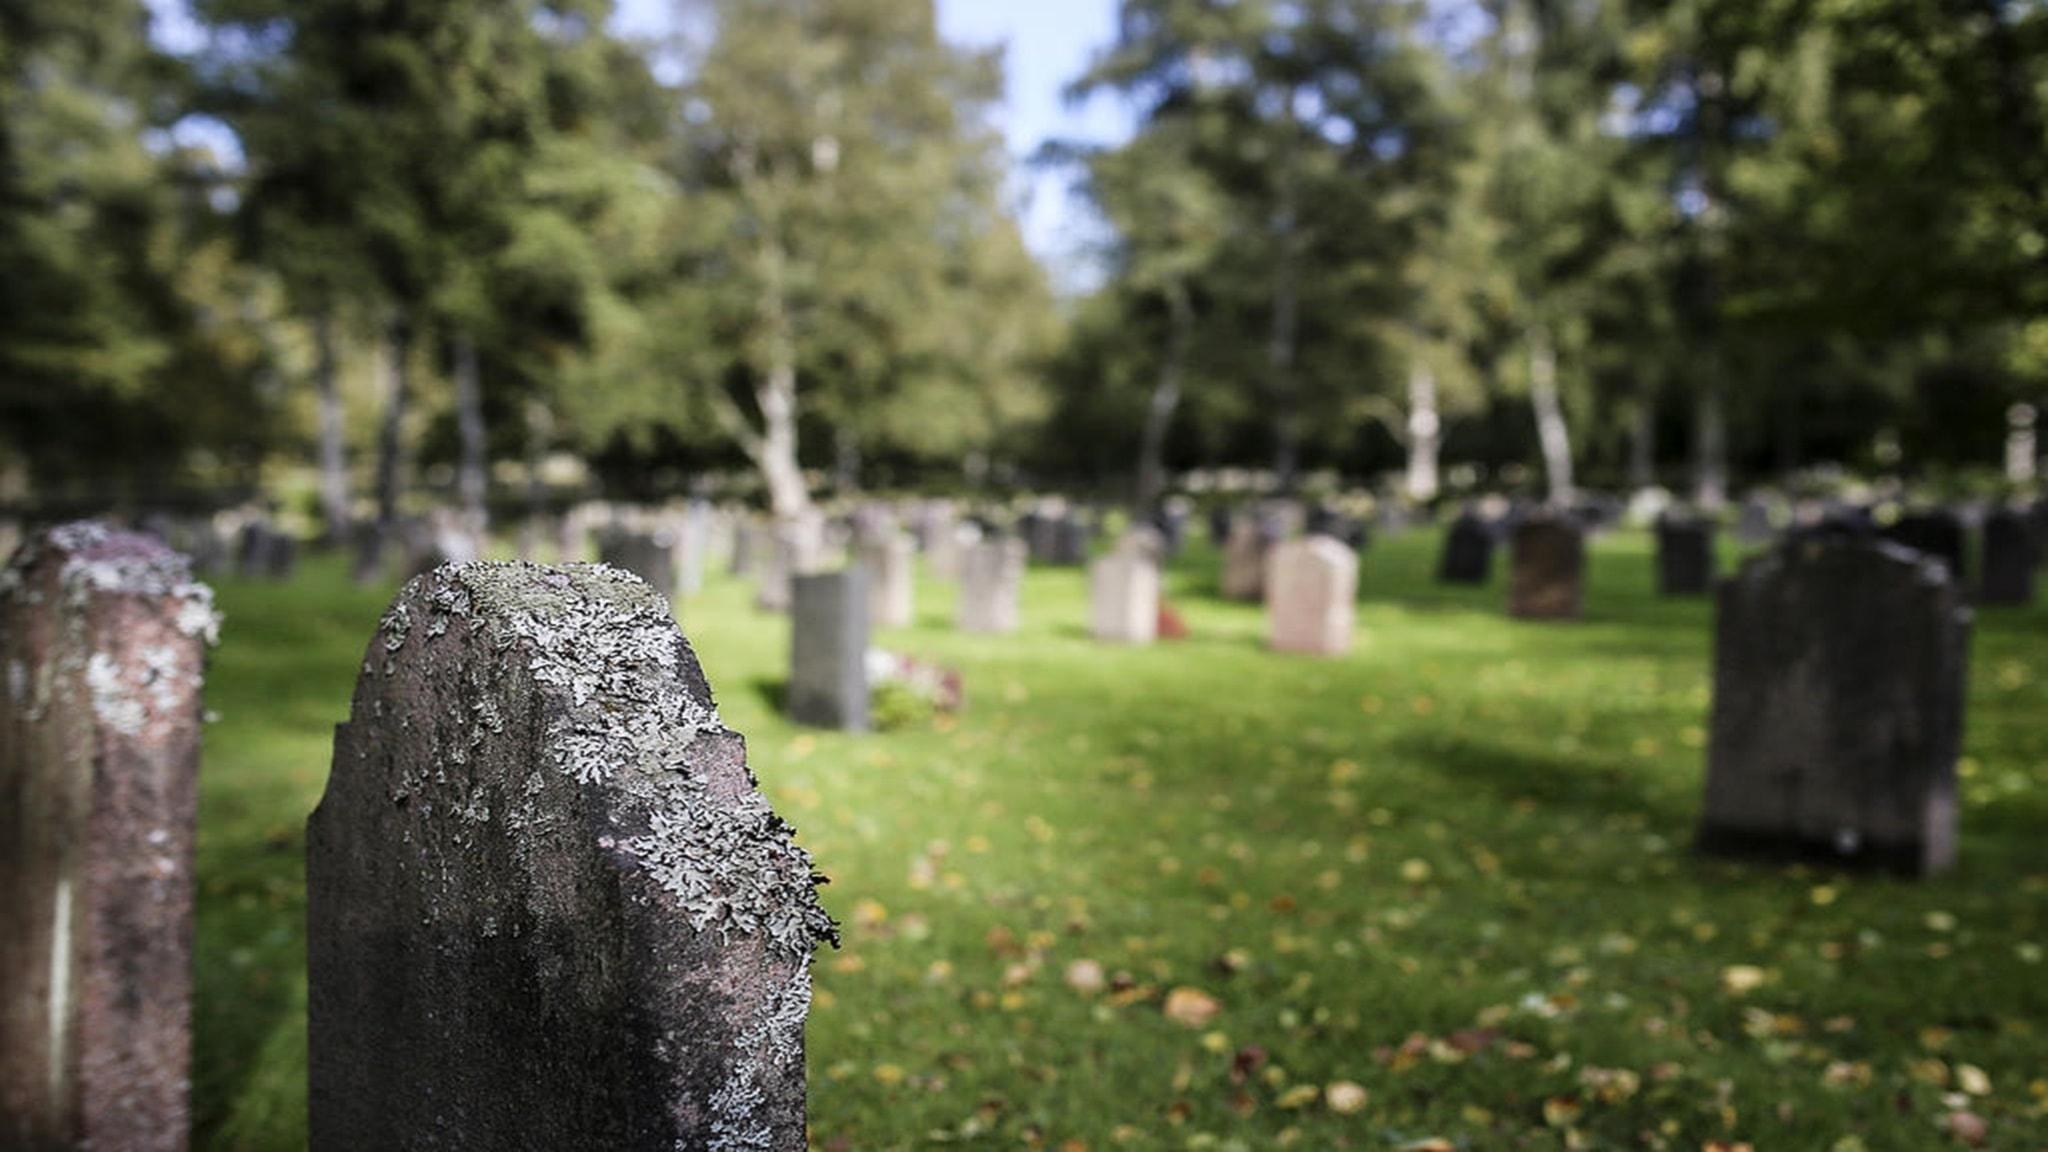 Plånboken special om Klarnas betalningsmetoder, självhushållning och digitala kyrkogårdar.